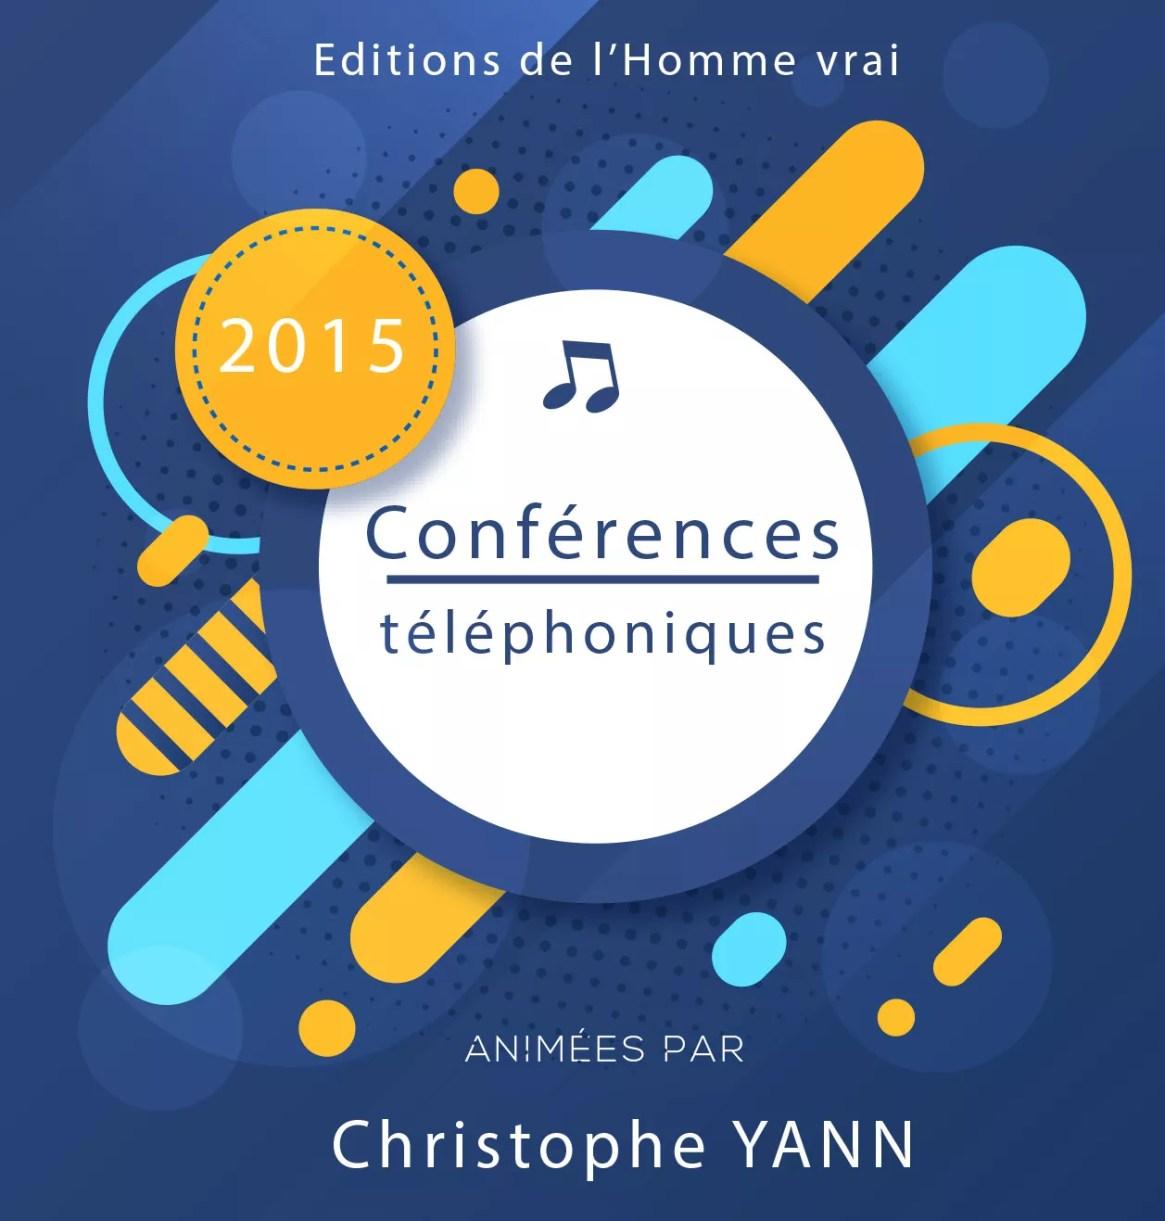 Conferences telephoniques 2015